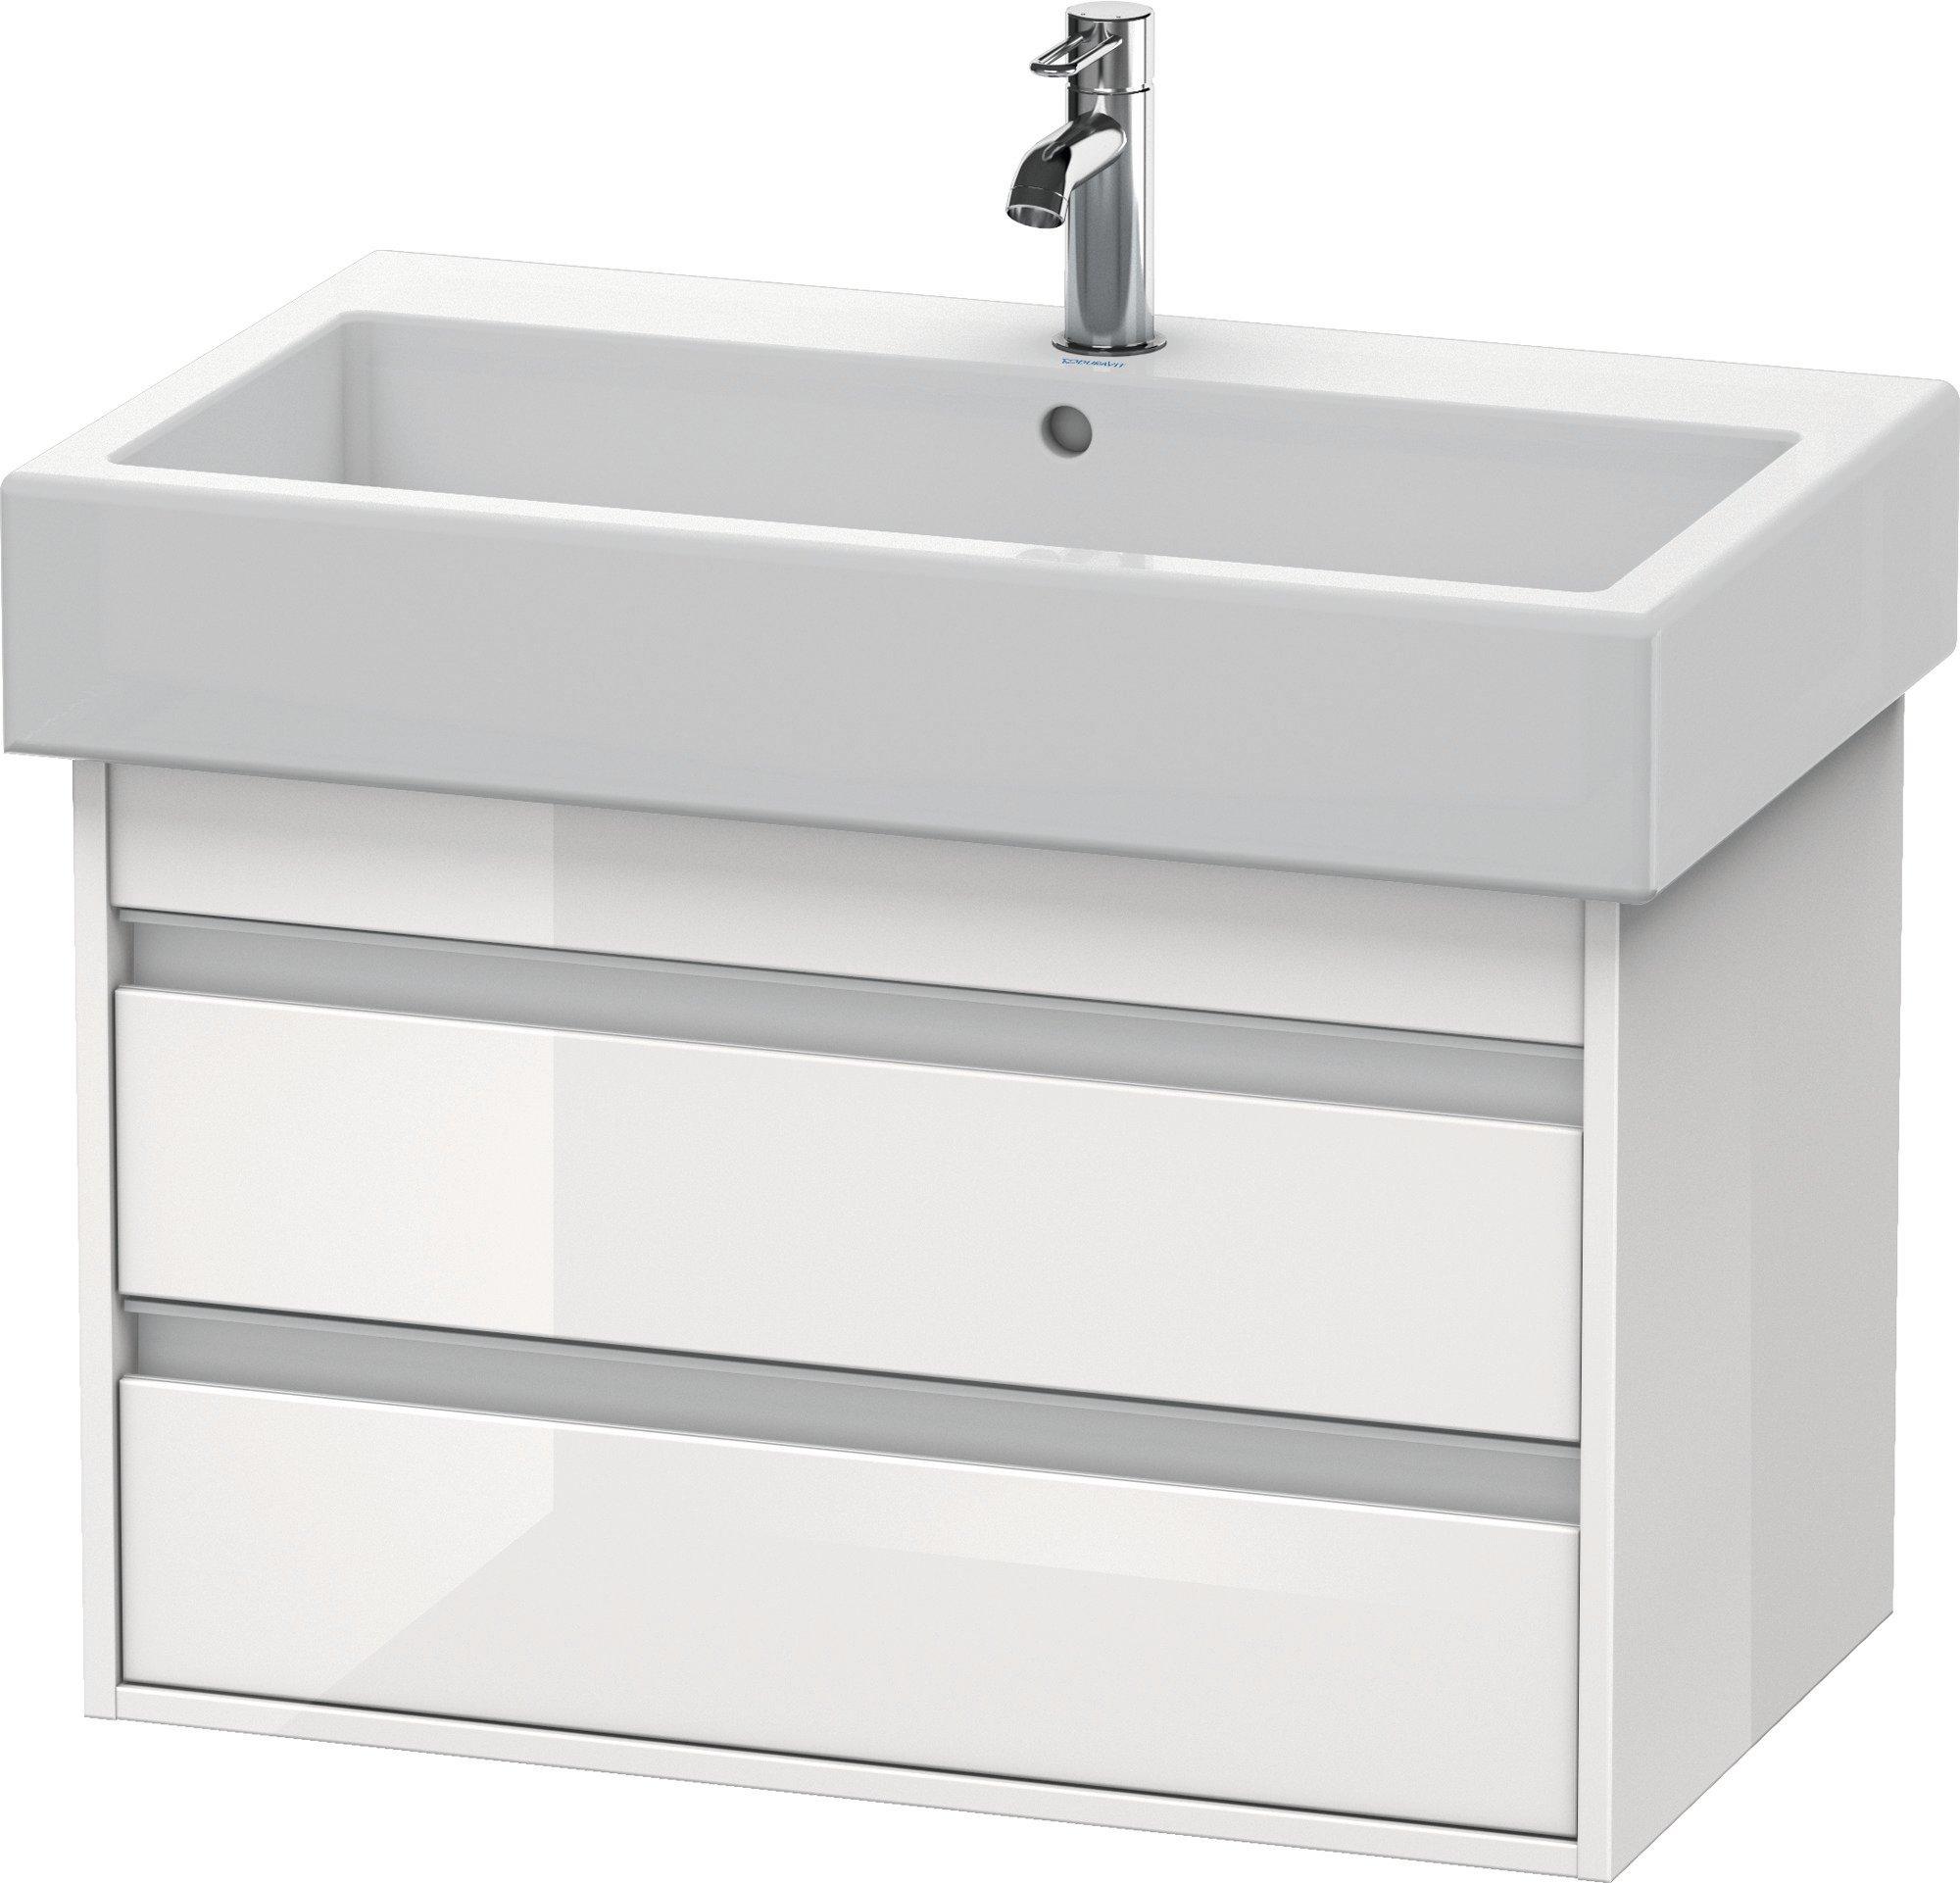 Duravit Ketho Badmöbel-Set 750 mit Vero Waschtisch - Optional mit Seitenschrank und Spiegel